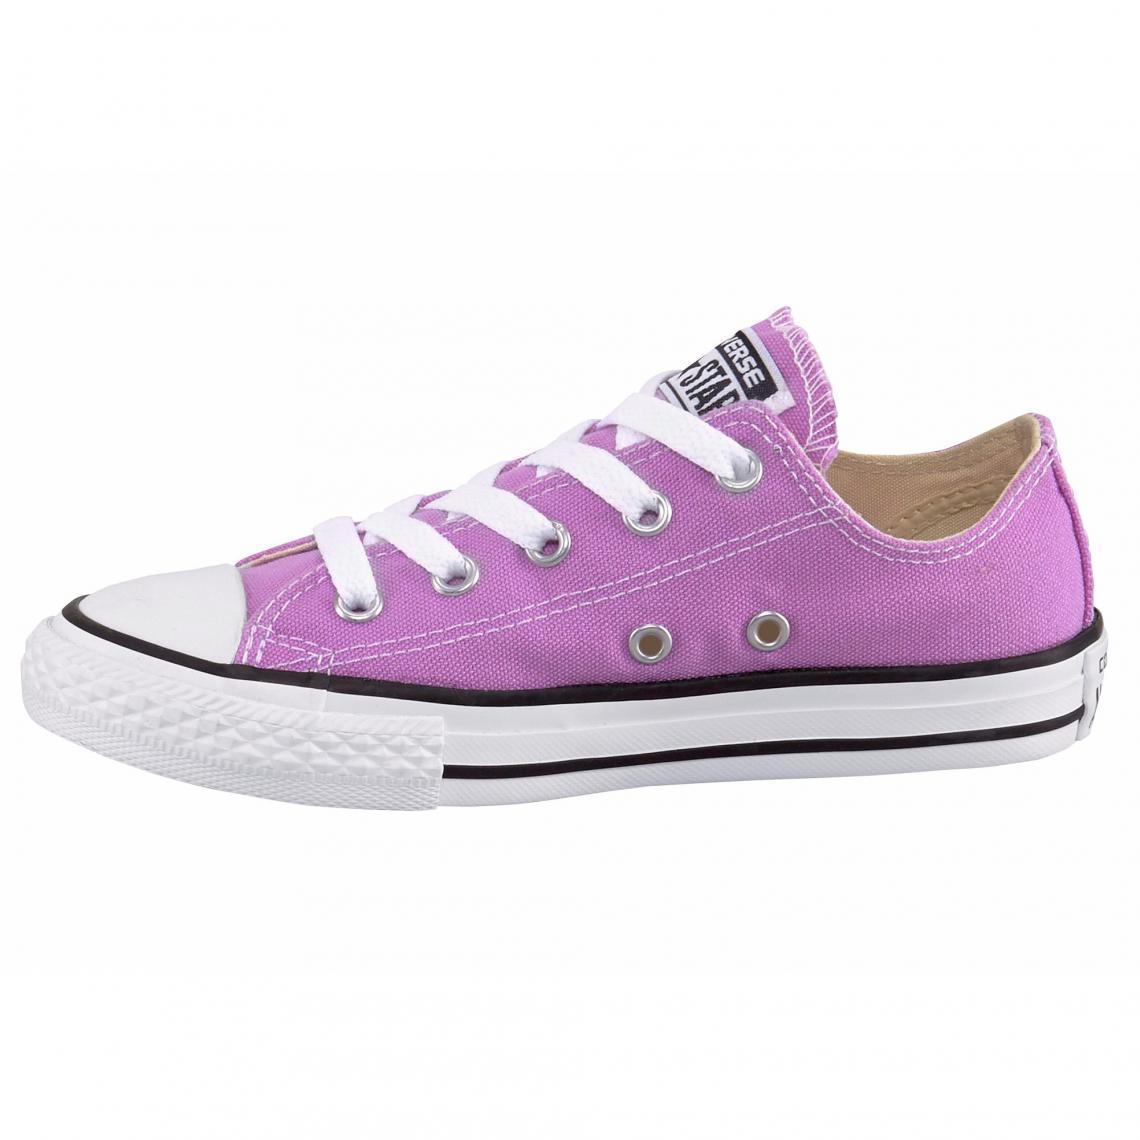 5a25439a62da6 Converse Chuck Taylor All Star Ox sneakers basses en toile - Rose Converse  Enfant Cliquez l image pour l agrandir. Chaussures fille Converse